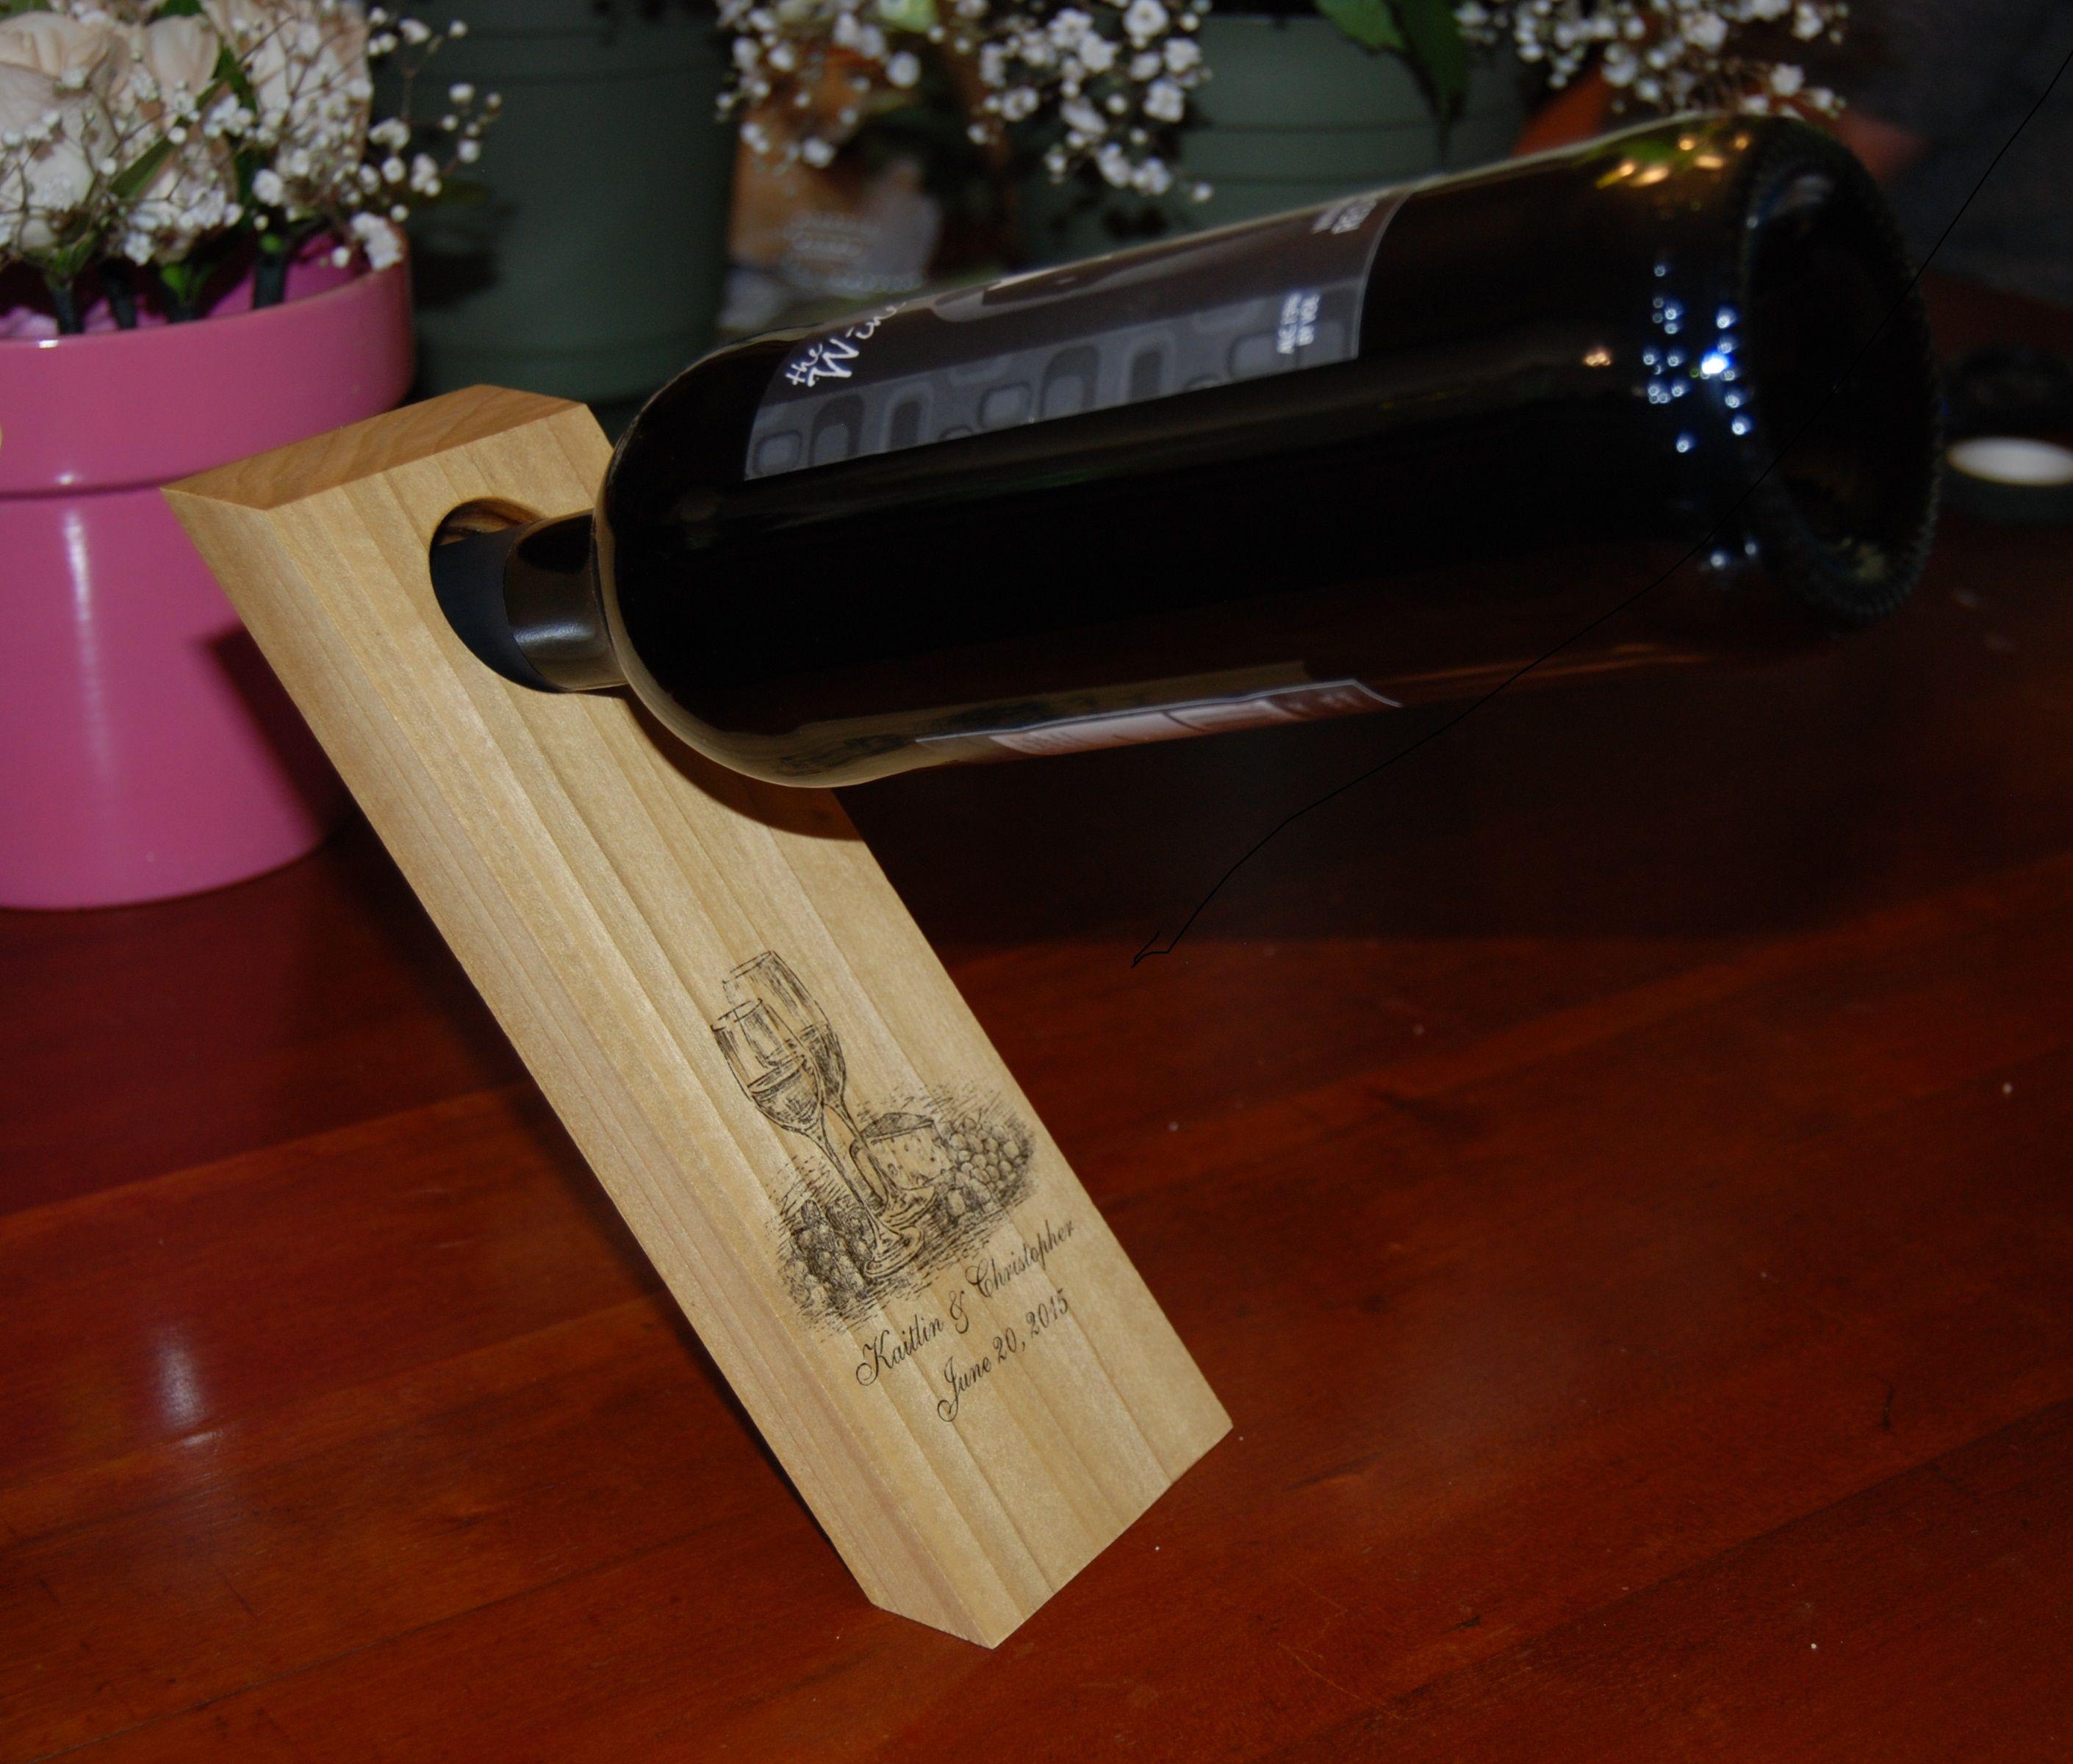 Easy wine bottle holder complete diy woodworking plans